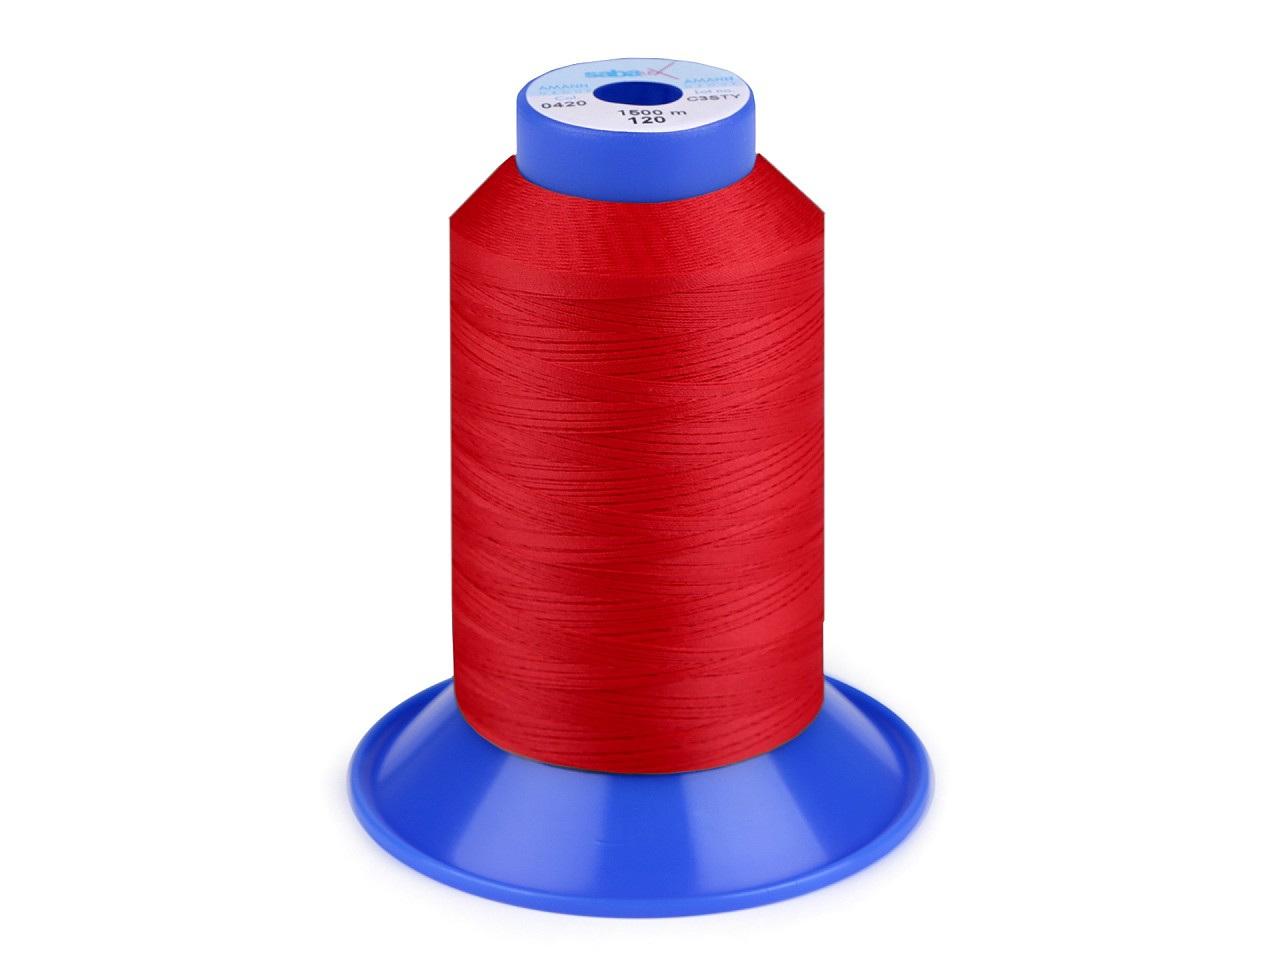 Nit elastická Sabaflex 120; 1500 m, barva 503 červená